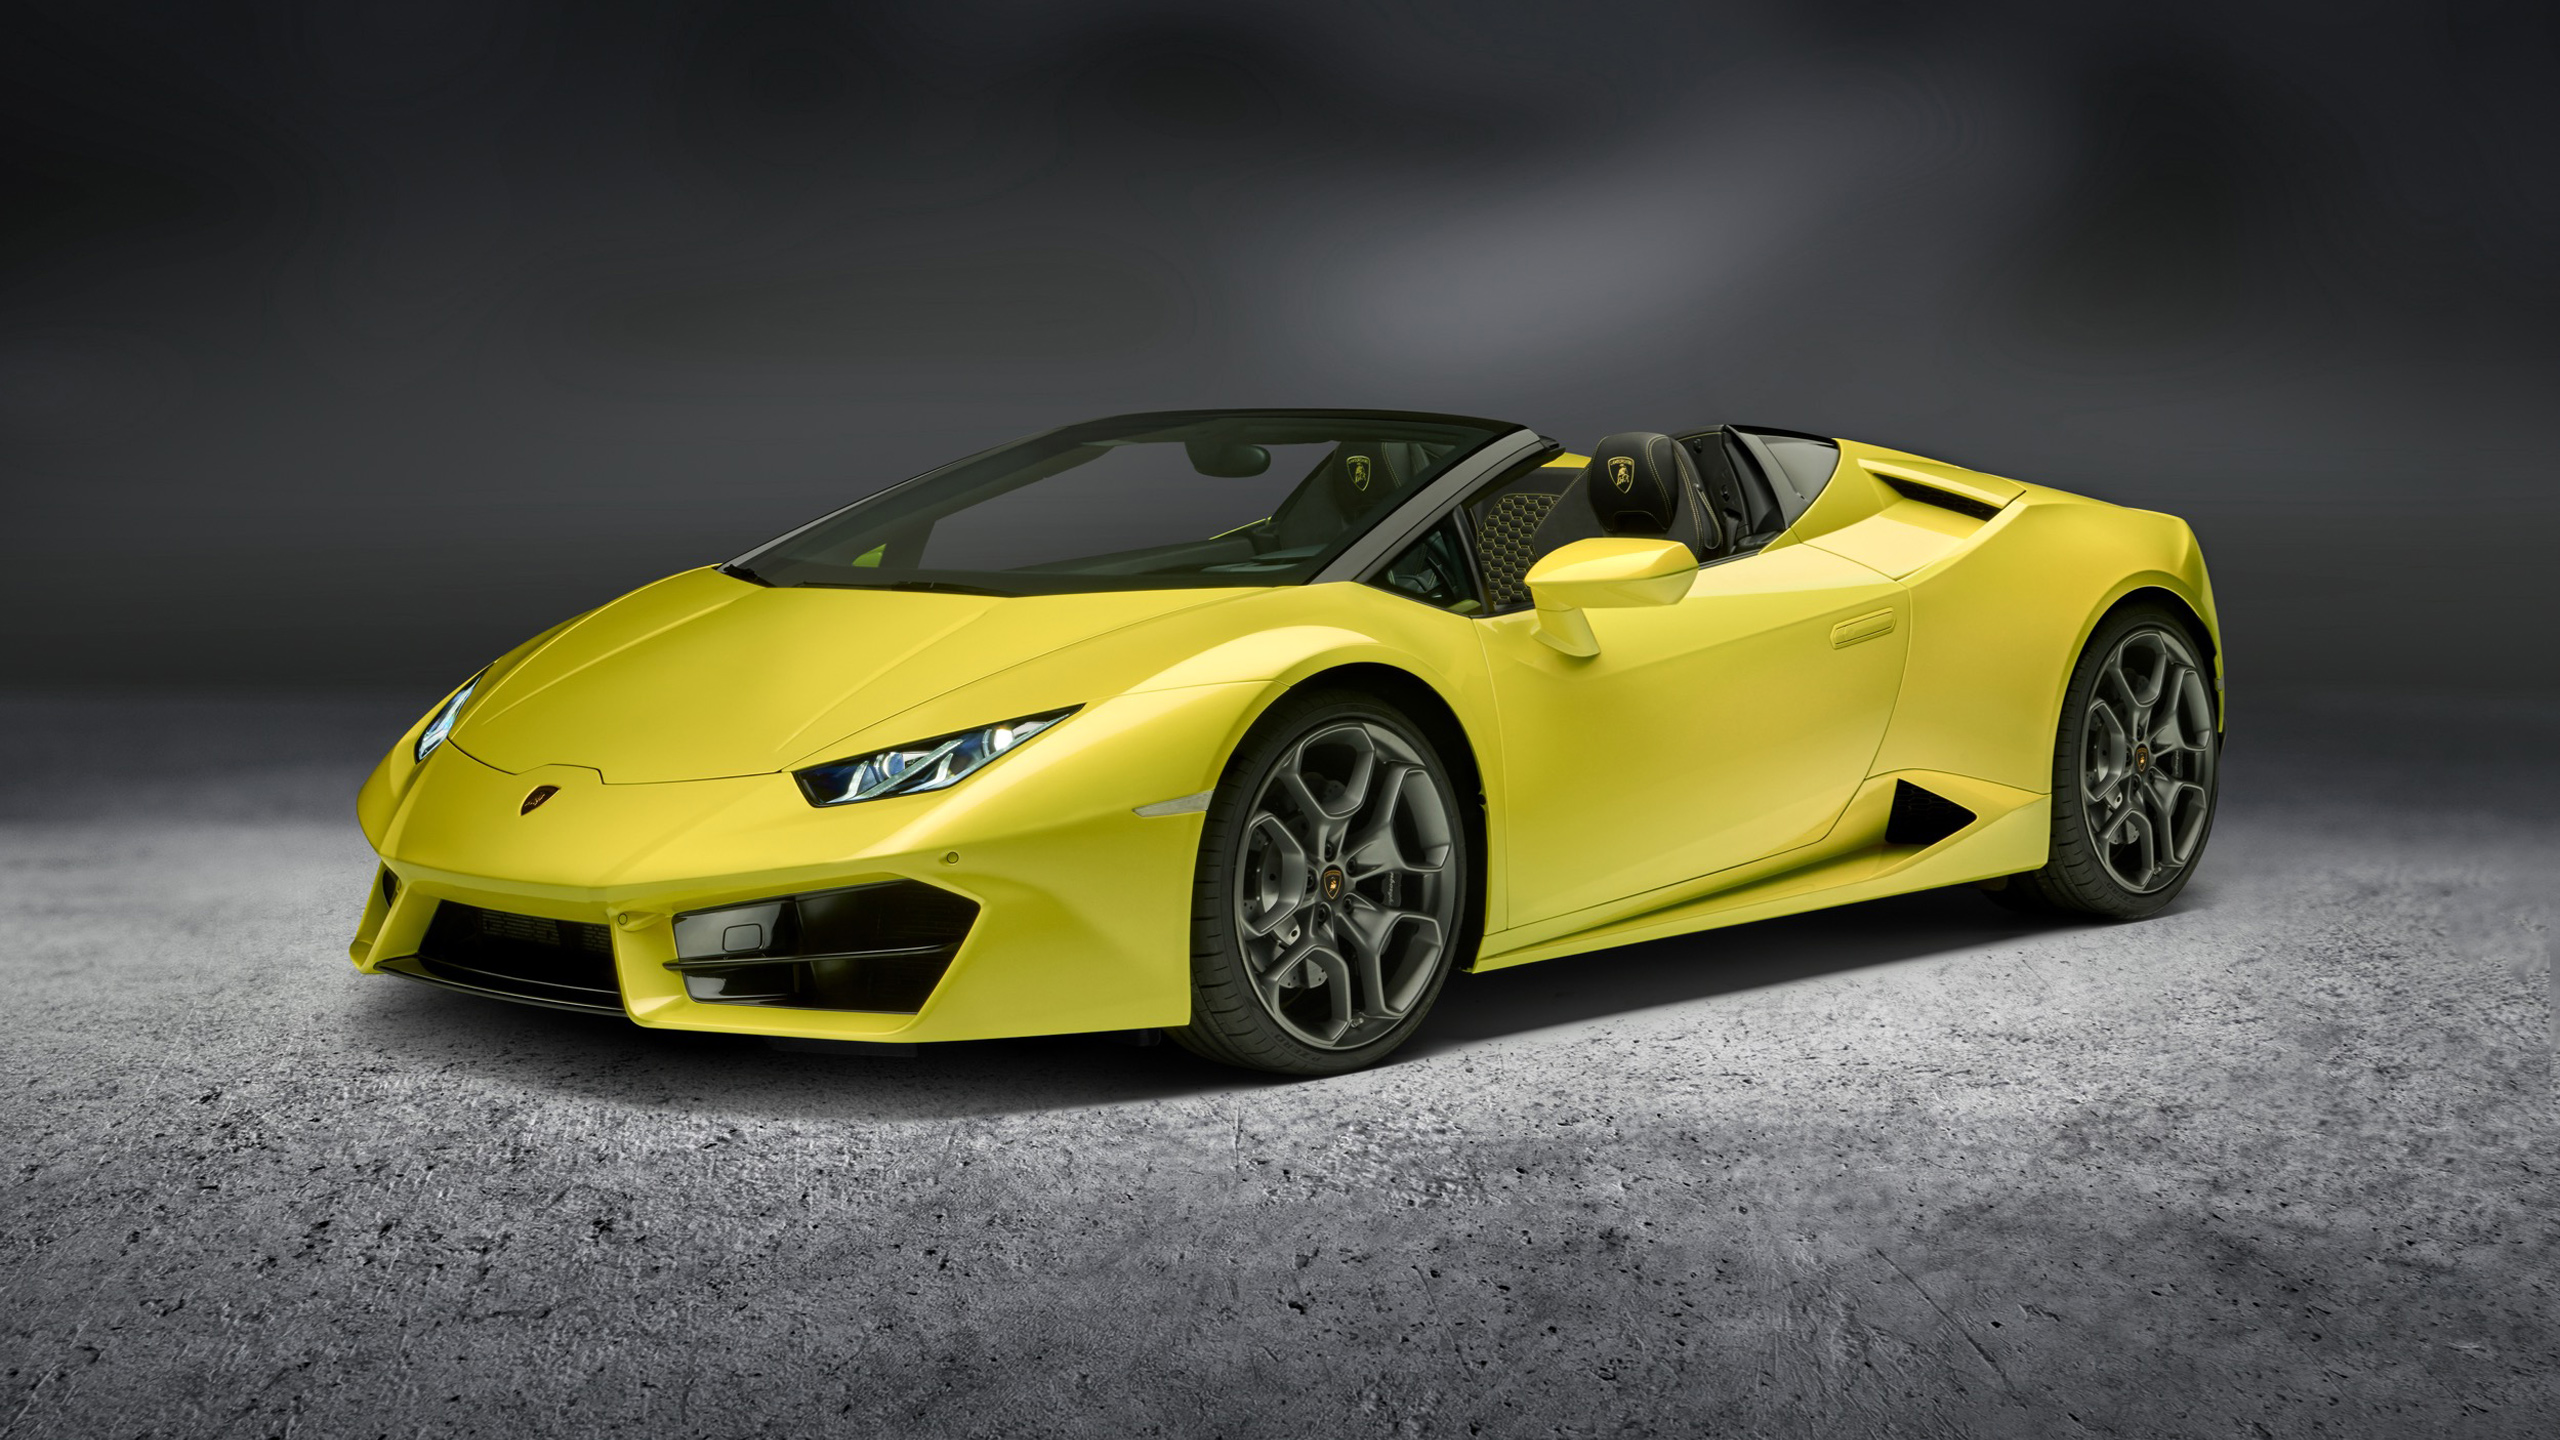 lamborghini huracan rwd spyder - Lamborghini Huracan Hd Wallpaper